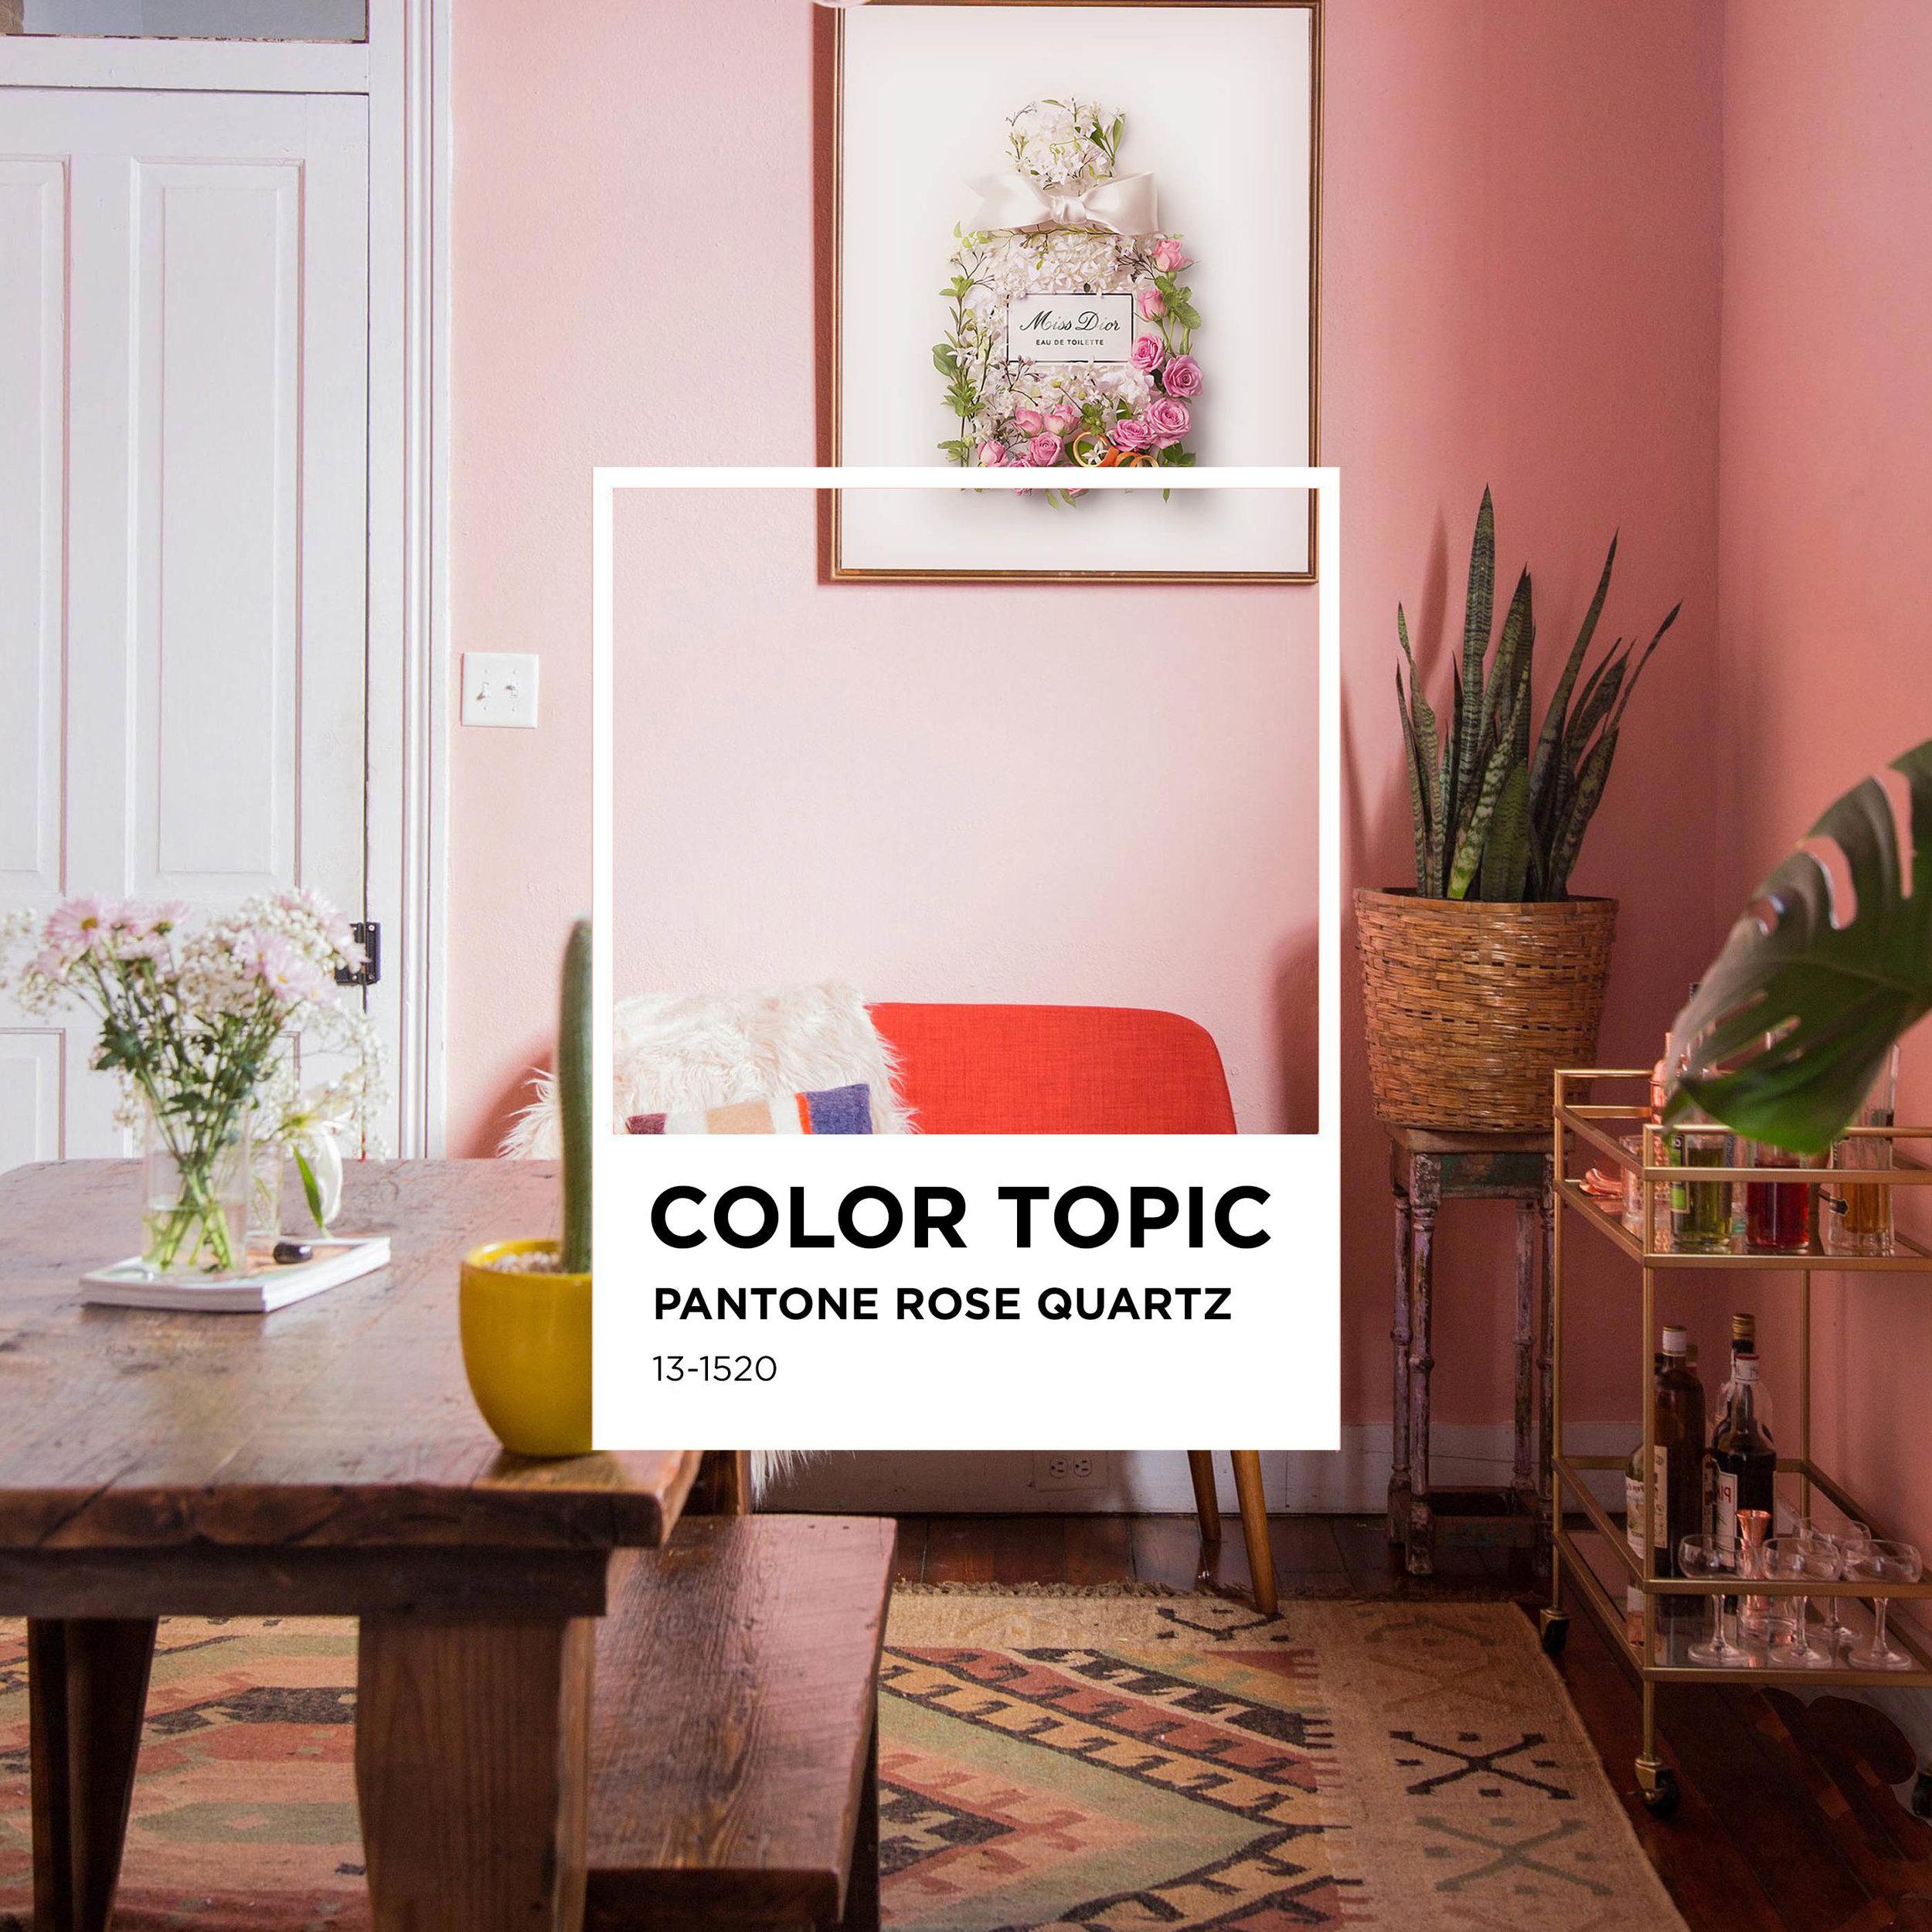 pokestudio_colortopic_colors_rosequartz